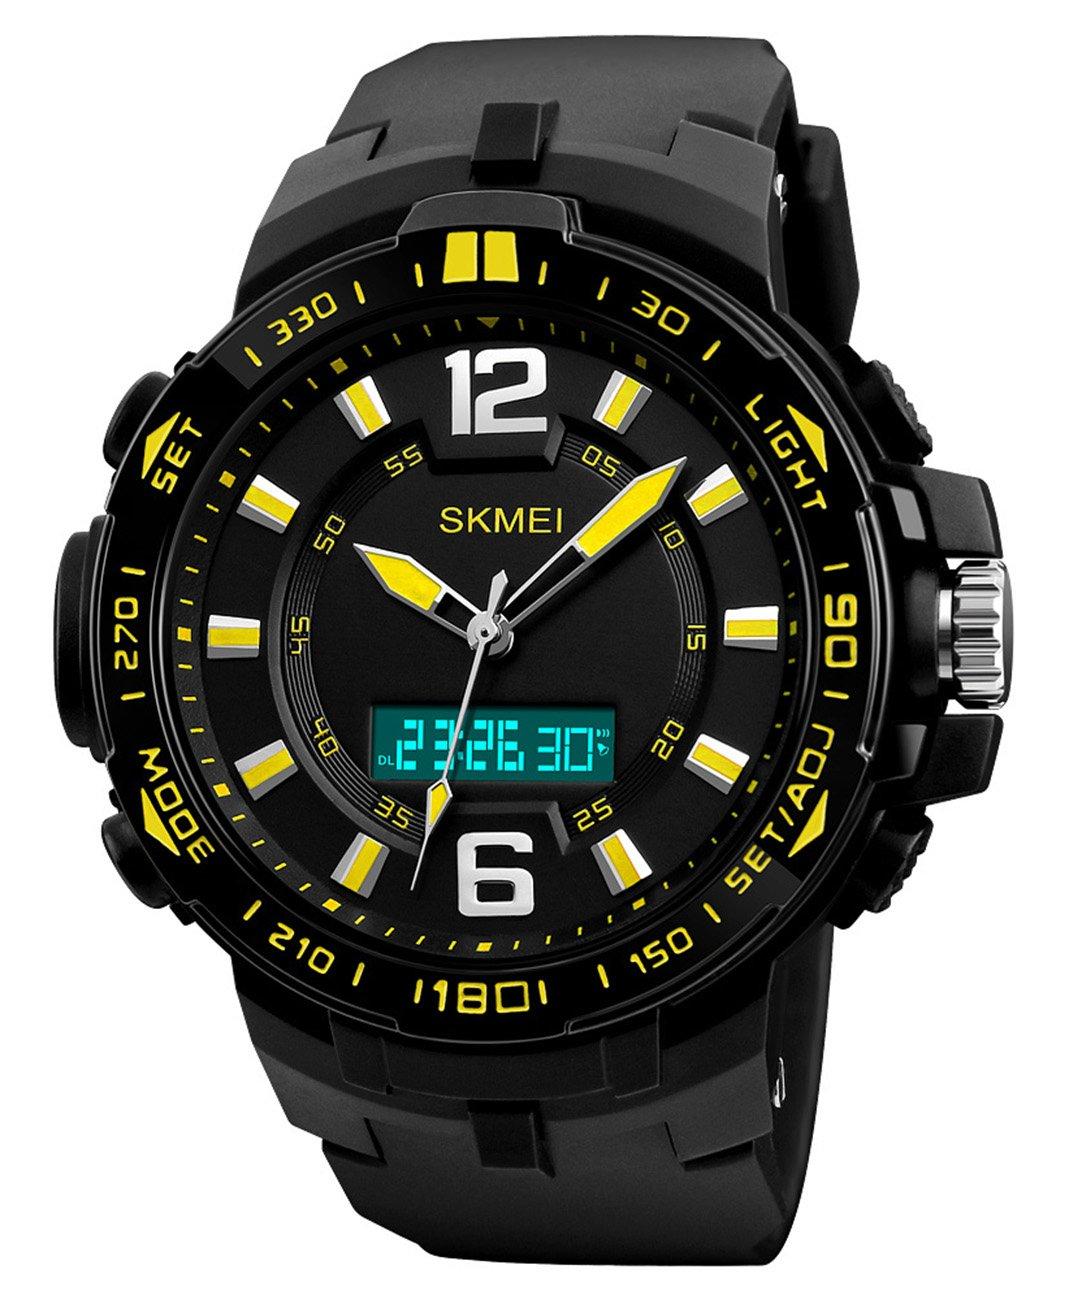 ファッションメンズスポーツLEDデジタル二重時間クロノグラフアラーム日付防水多機能クォーツ時計 イエロー B077LLC3PK イエロー イエロー